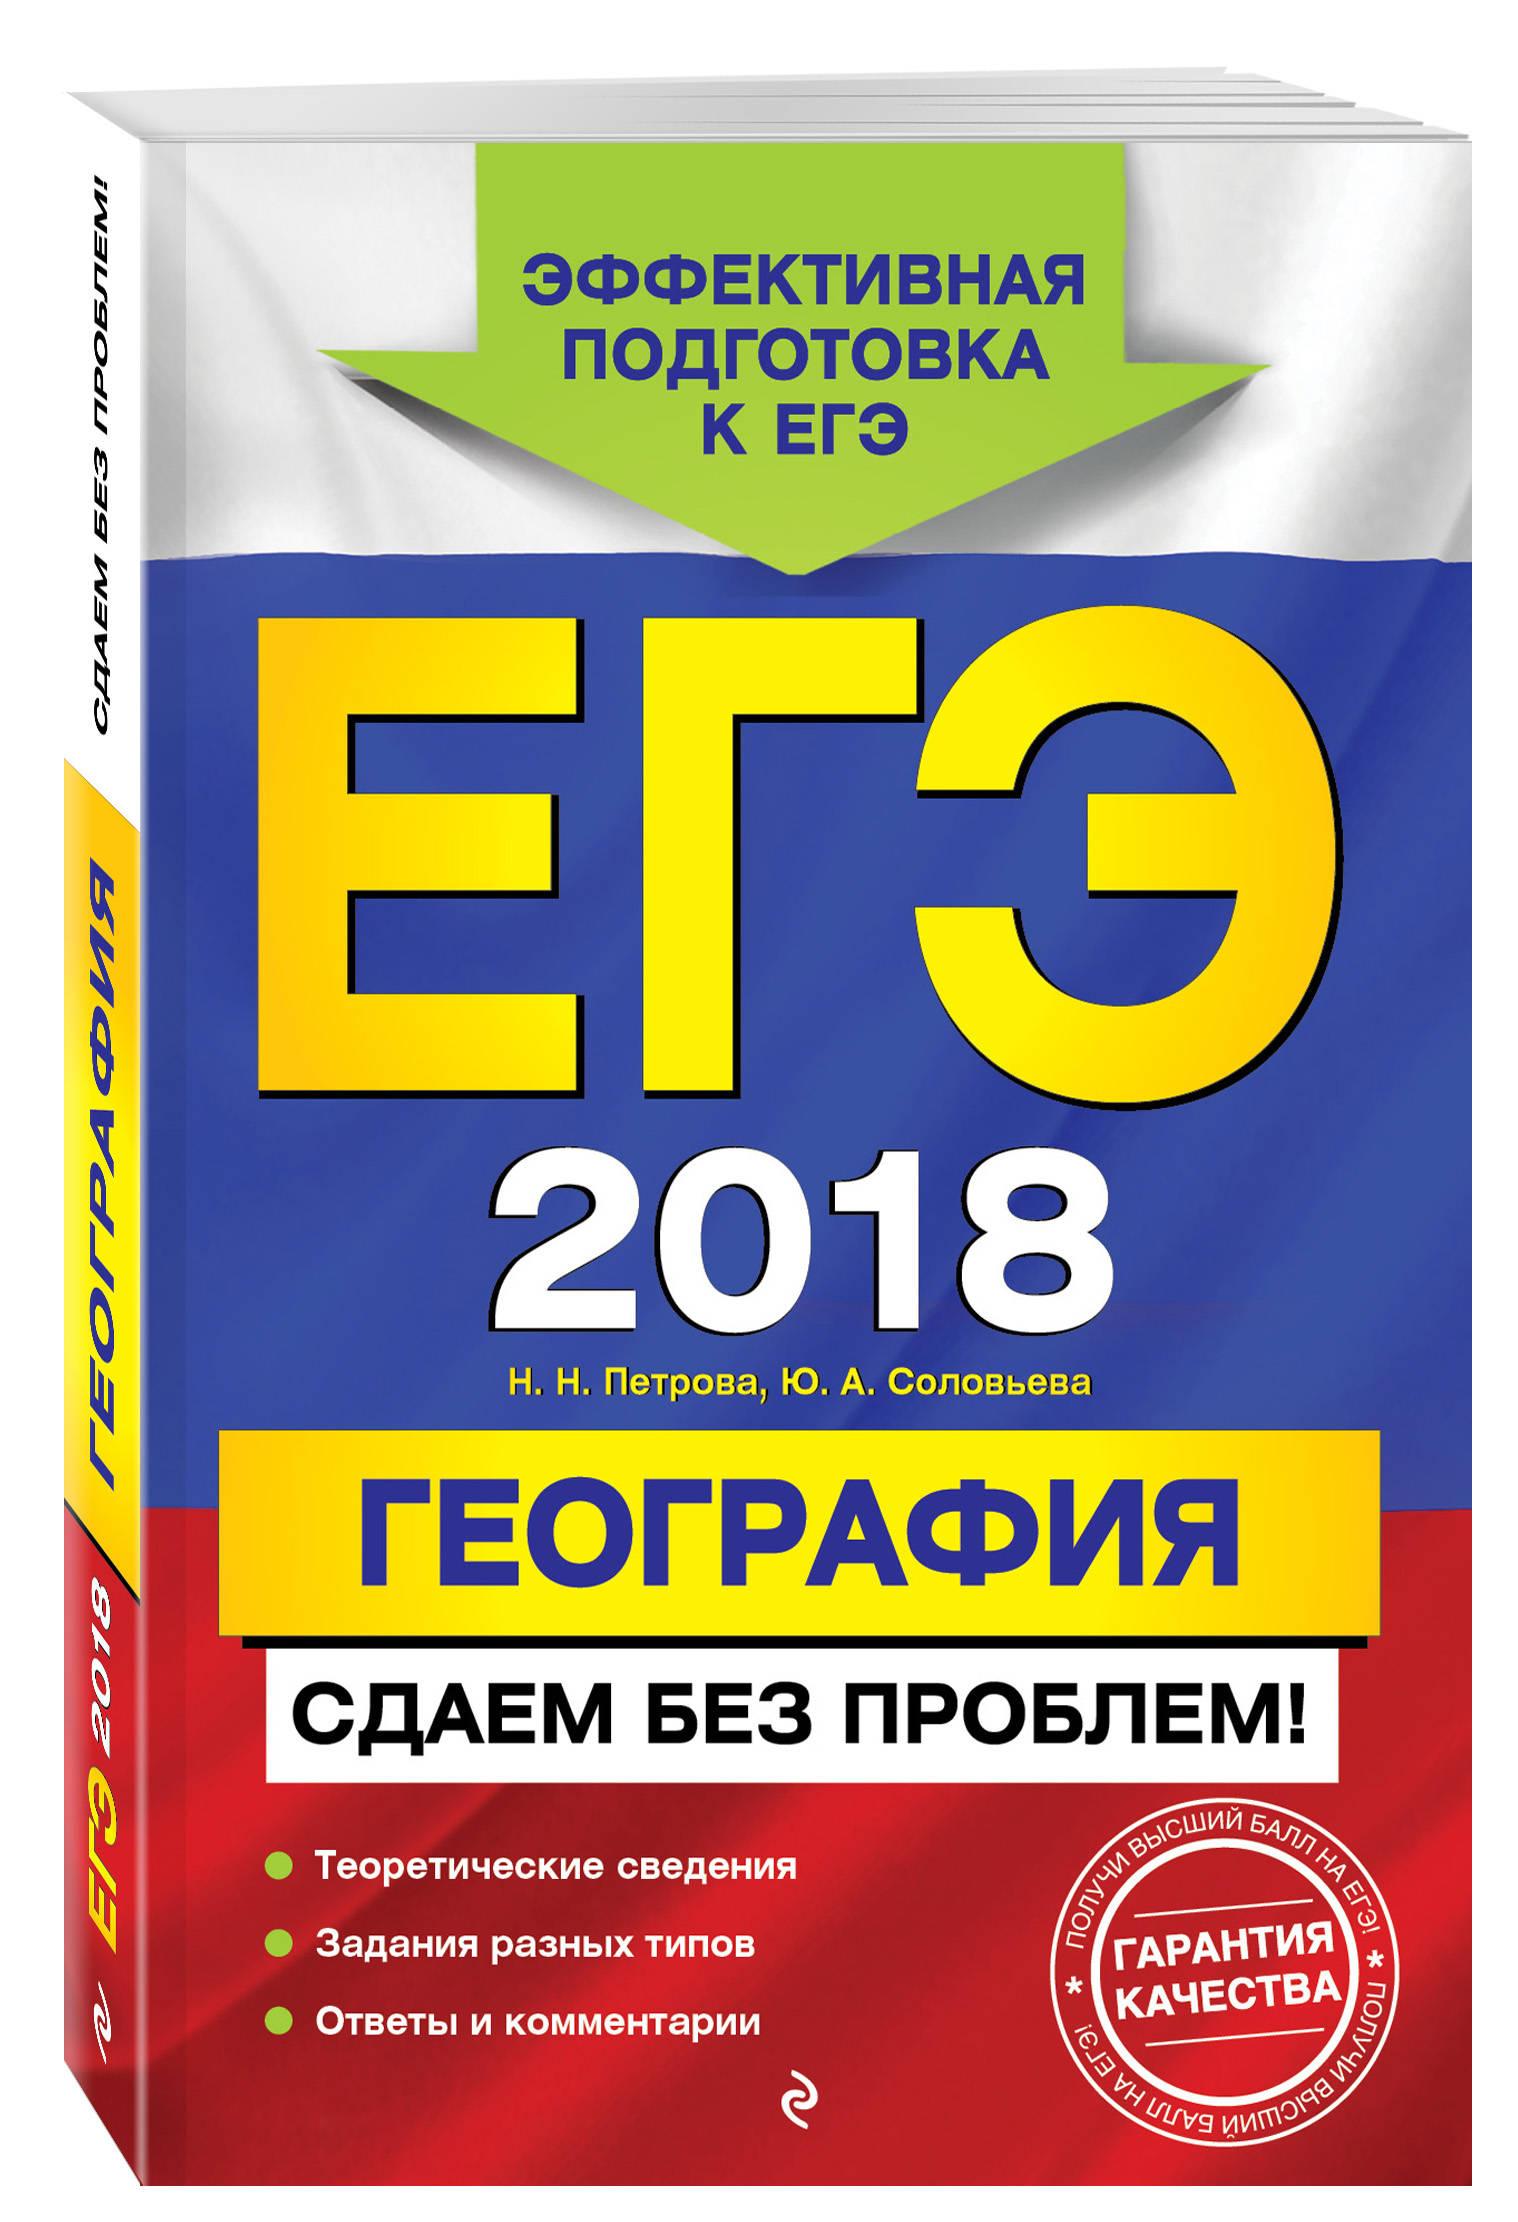 ЕГЭ-2018. География. Сдаем без проблем! ( Петрова Н.Н., Соловьева Ю.А.  )